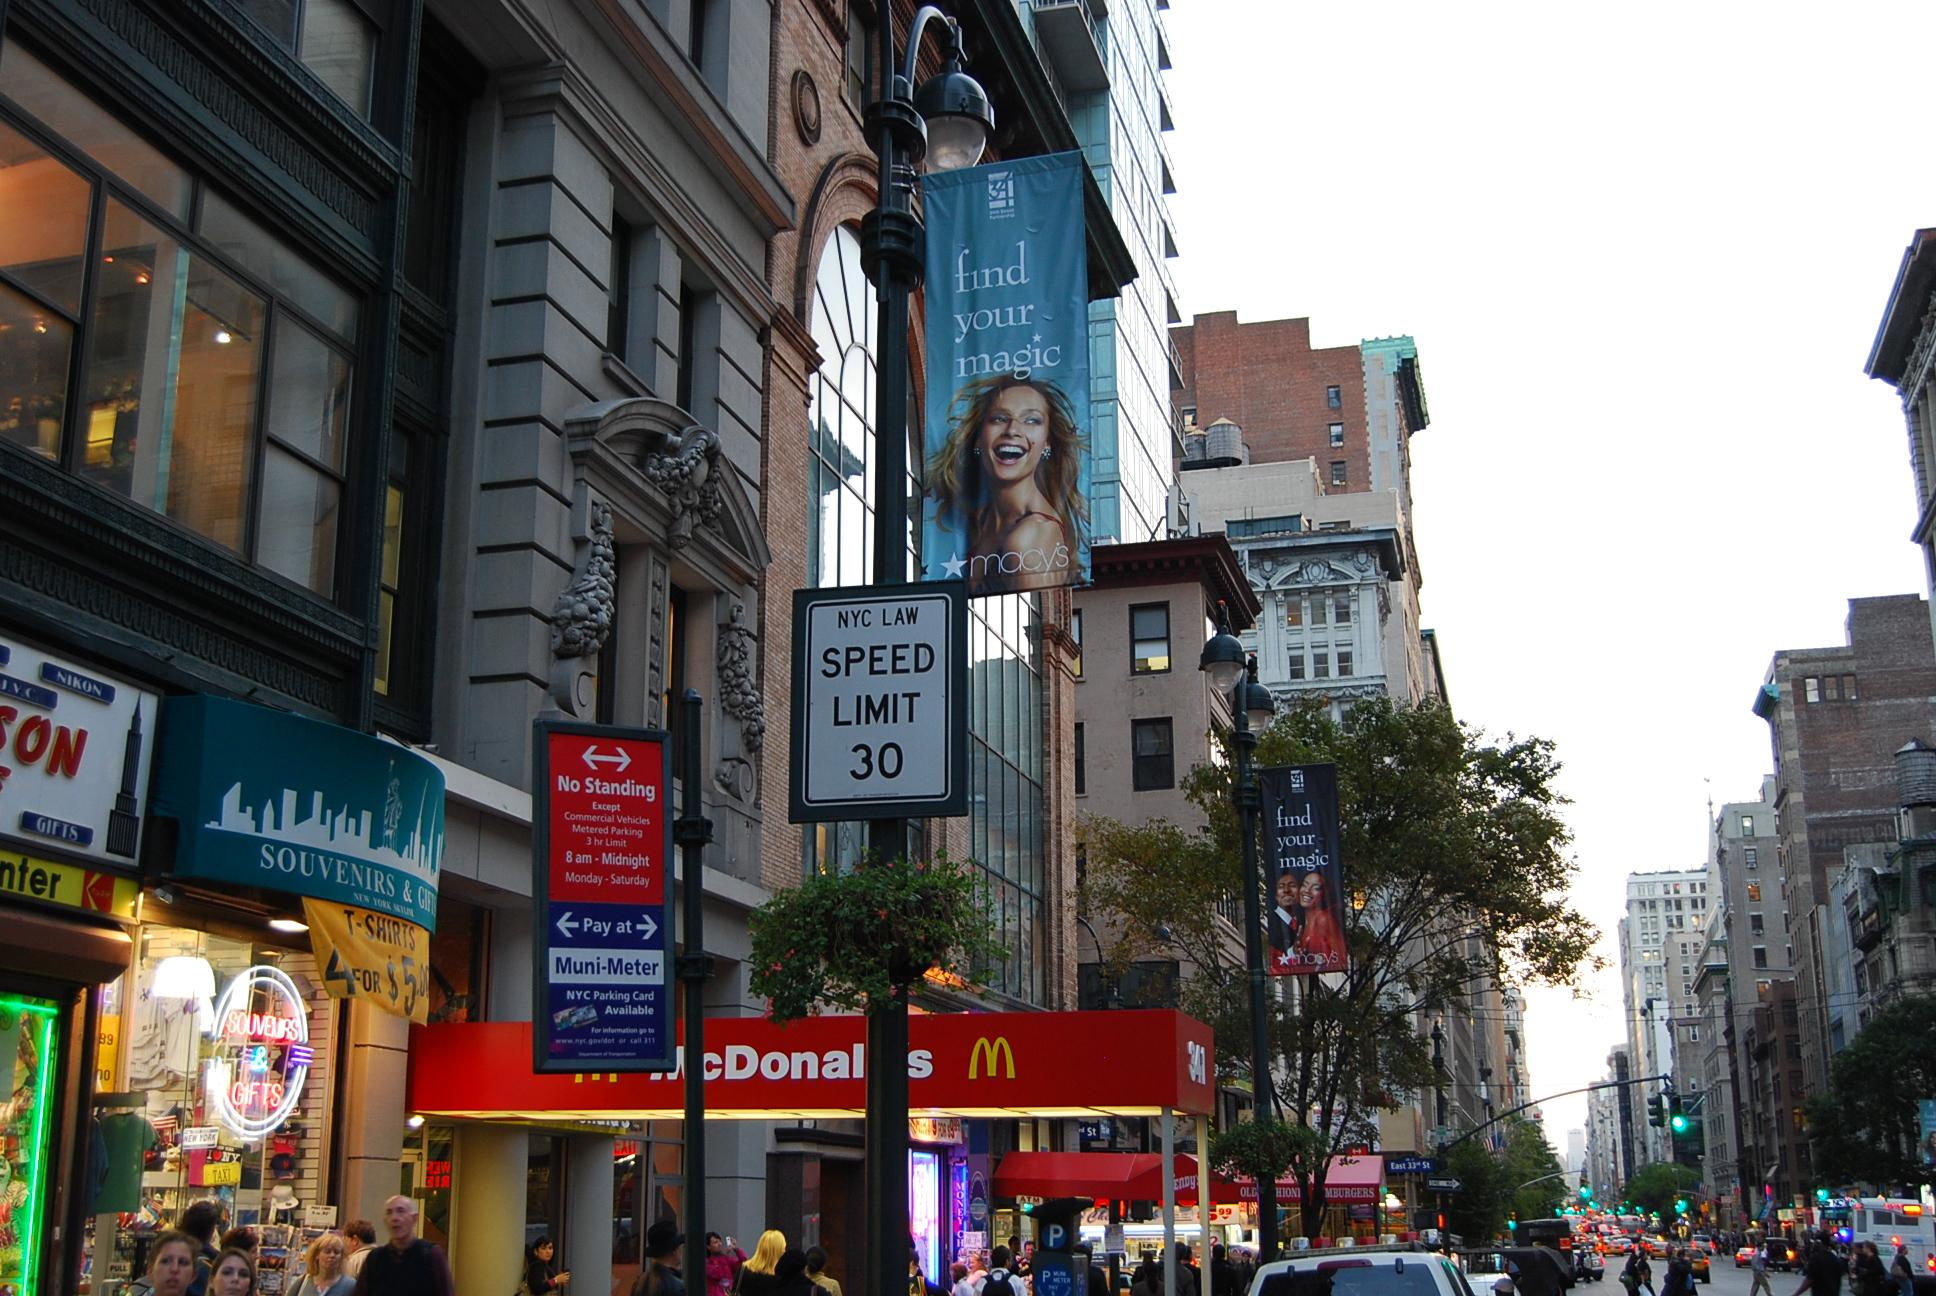 Finf your magic - реклама универмага Мэсис развешена на этой неделе на флагах по мидтауну в подходящих и не очень местах